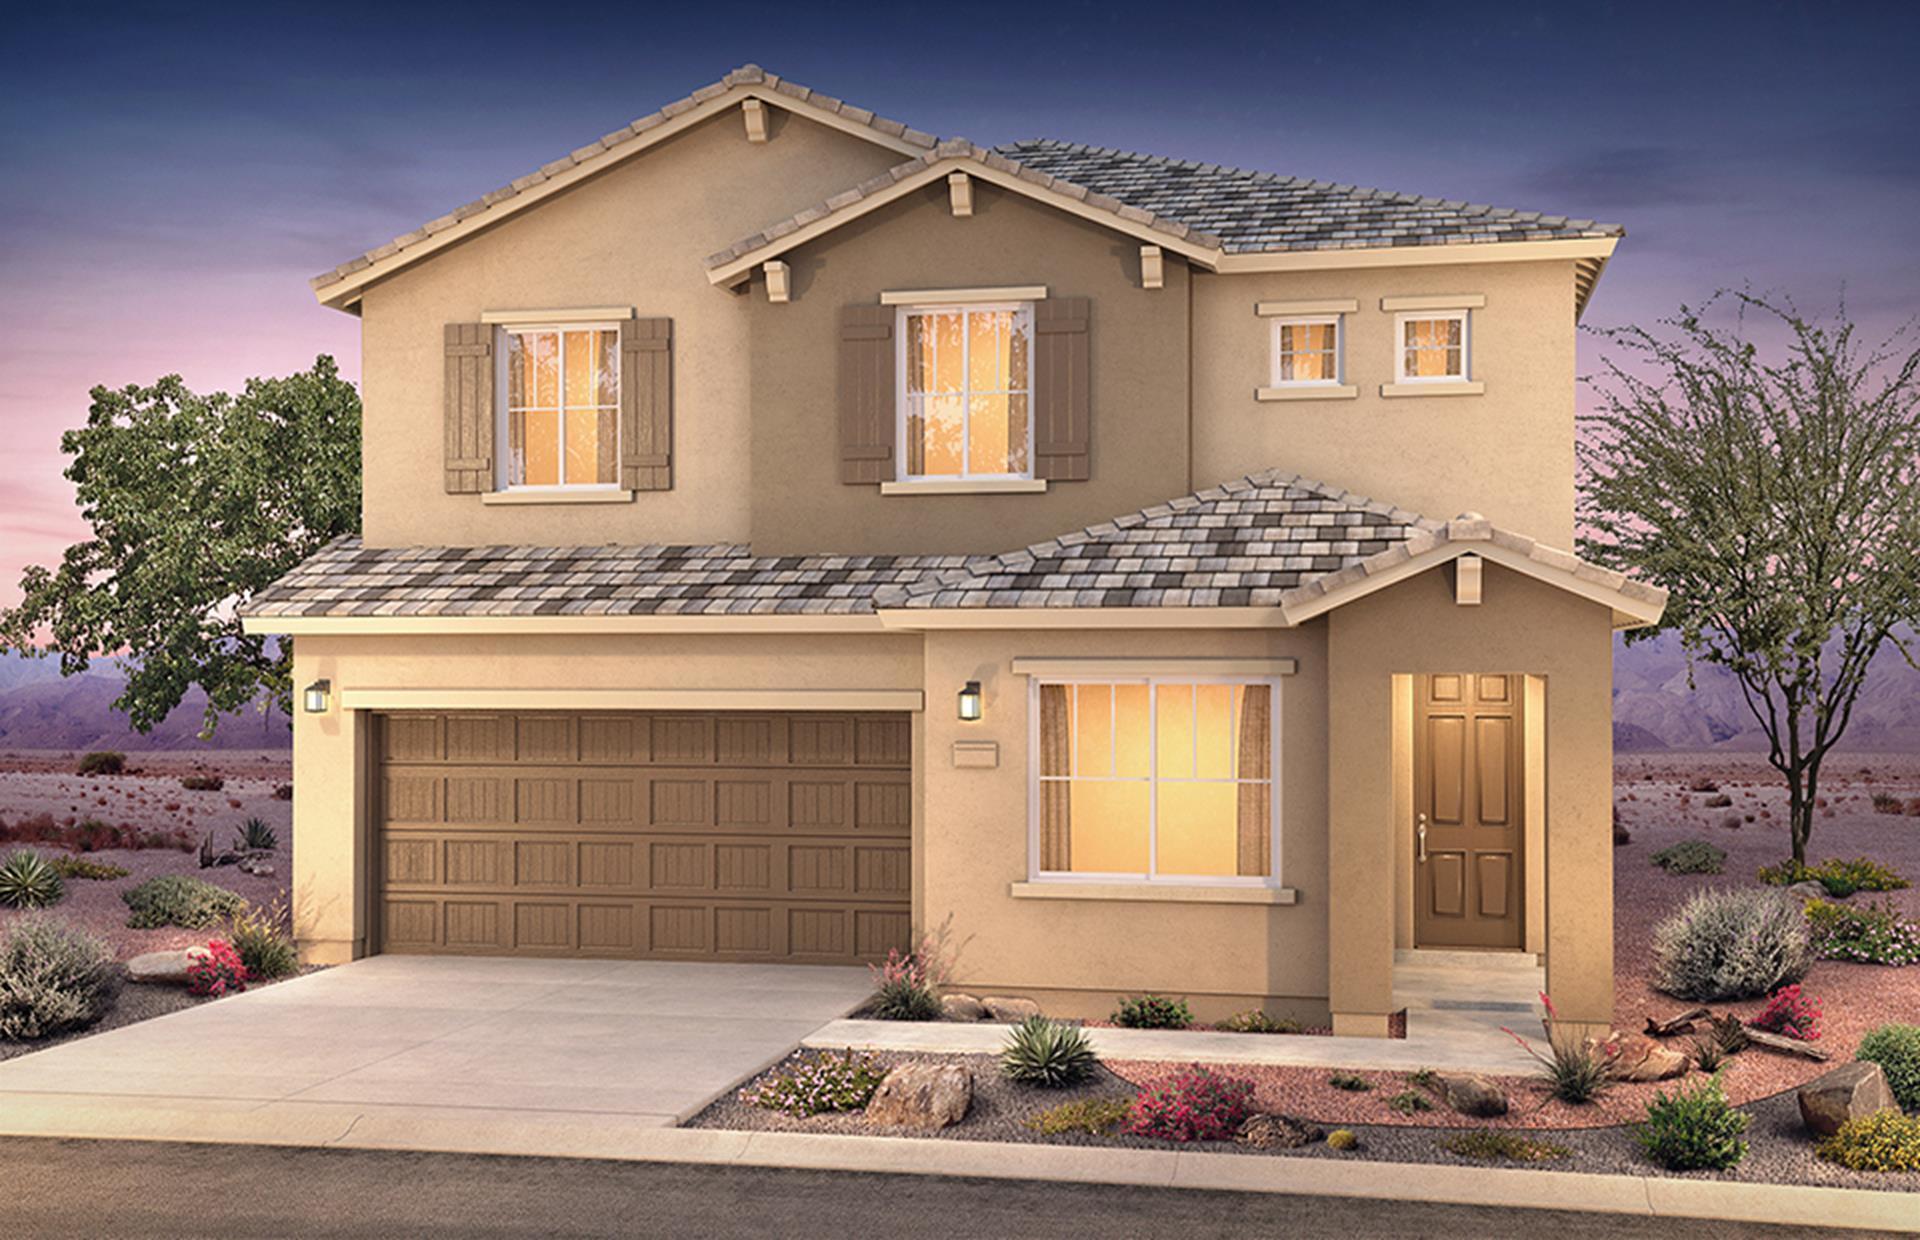 3134 Farragut Street, Rio Rancho NM 87144